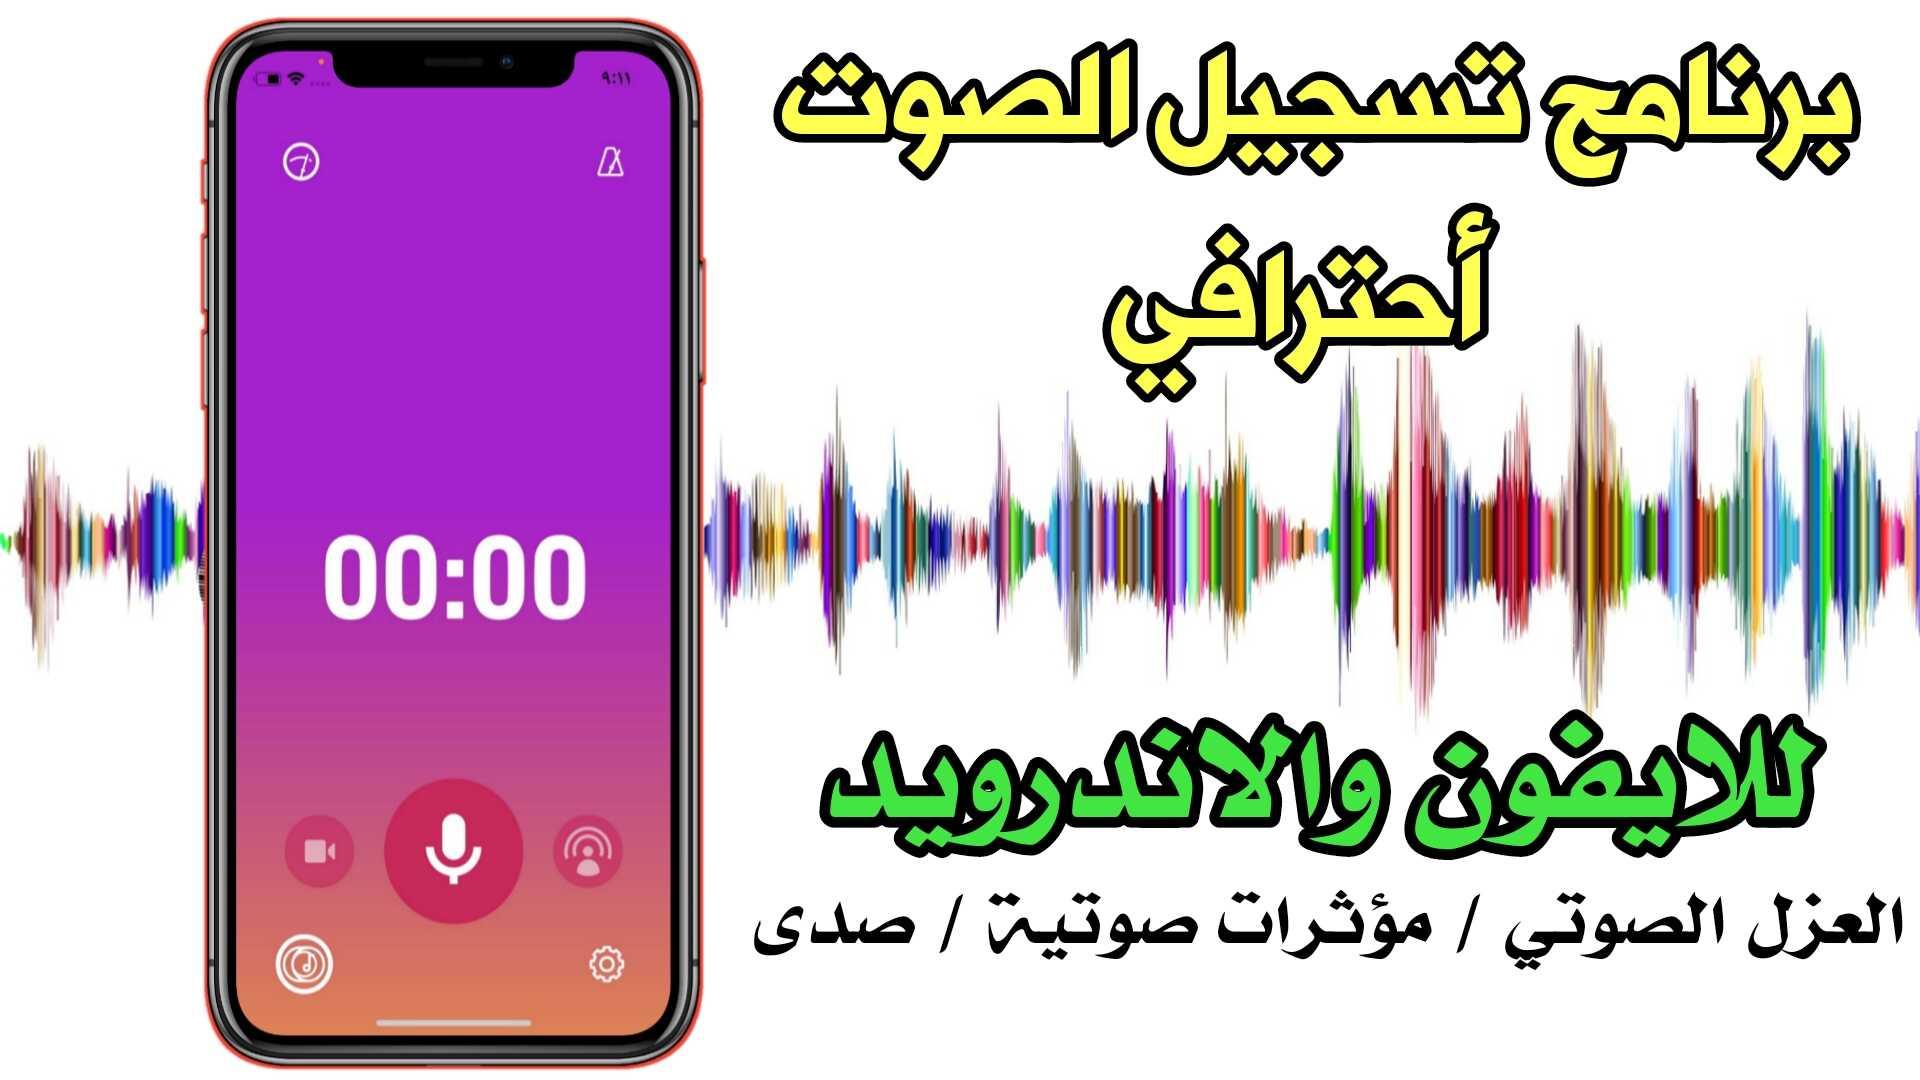 برنامج تسجيل الصوت مجاني للايفون والاندرويد مع مؤثرات